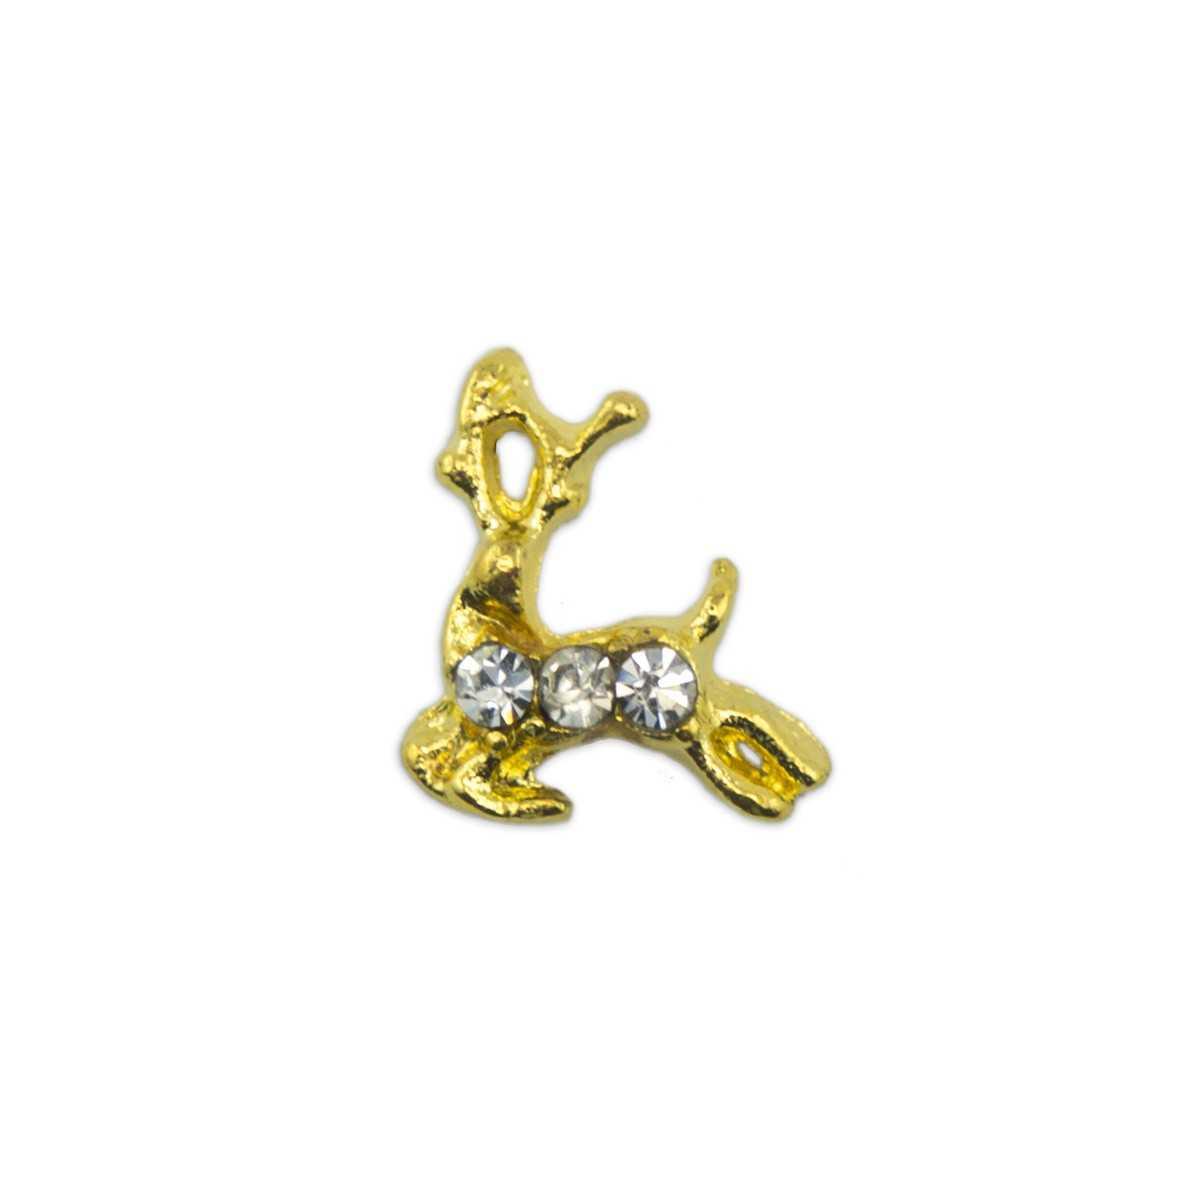 https://www.kit-manucure.com/1541-thickbox_default/bijoux-pour-ongles-renne-doré.jpg